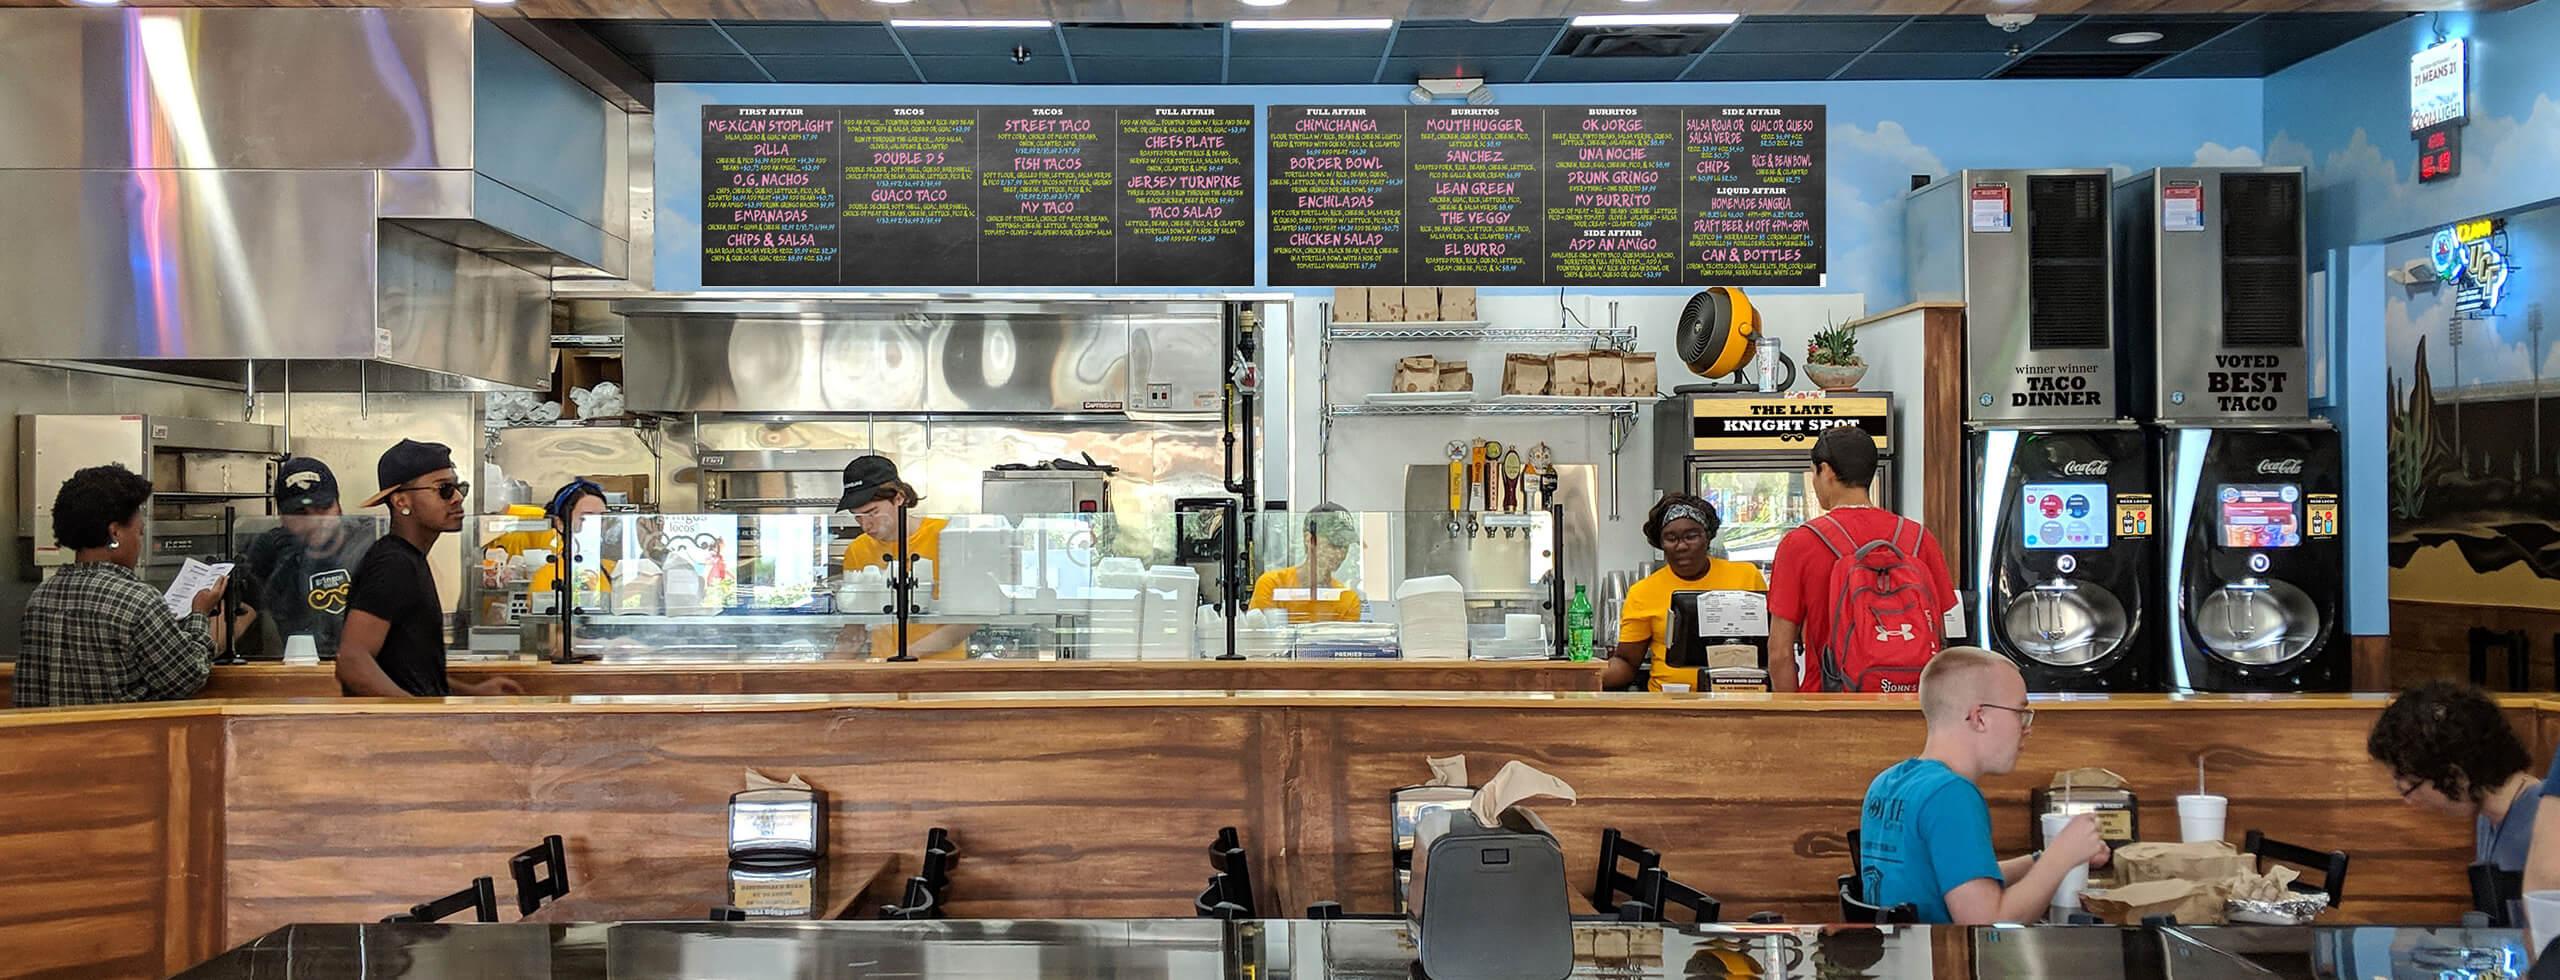 Gringos Locos store interior (UCF)